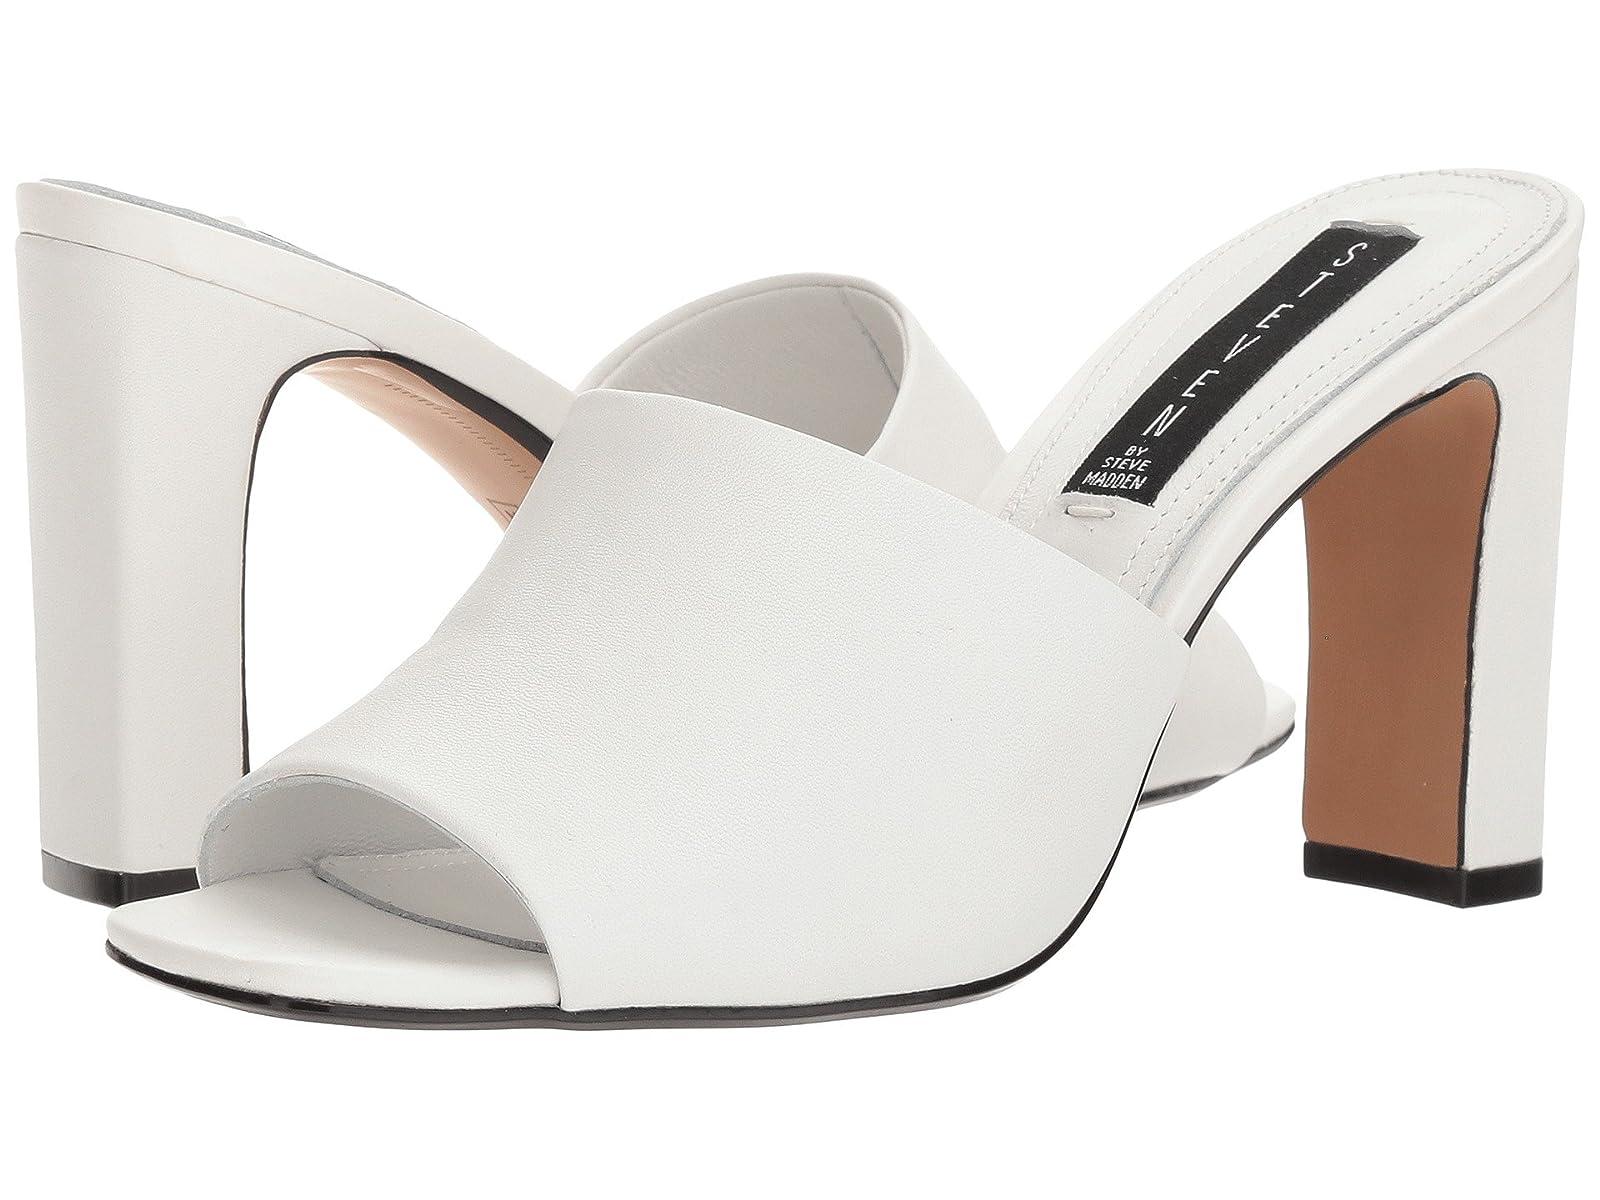 Steven JensenAtmospheric grades have affordable shoes